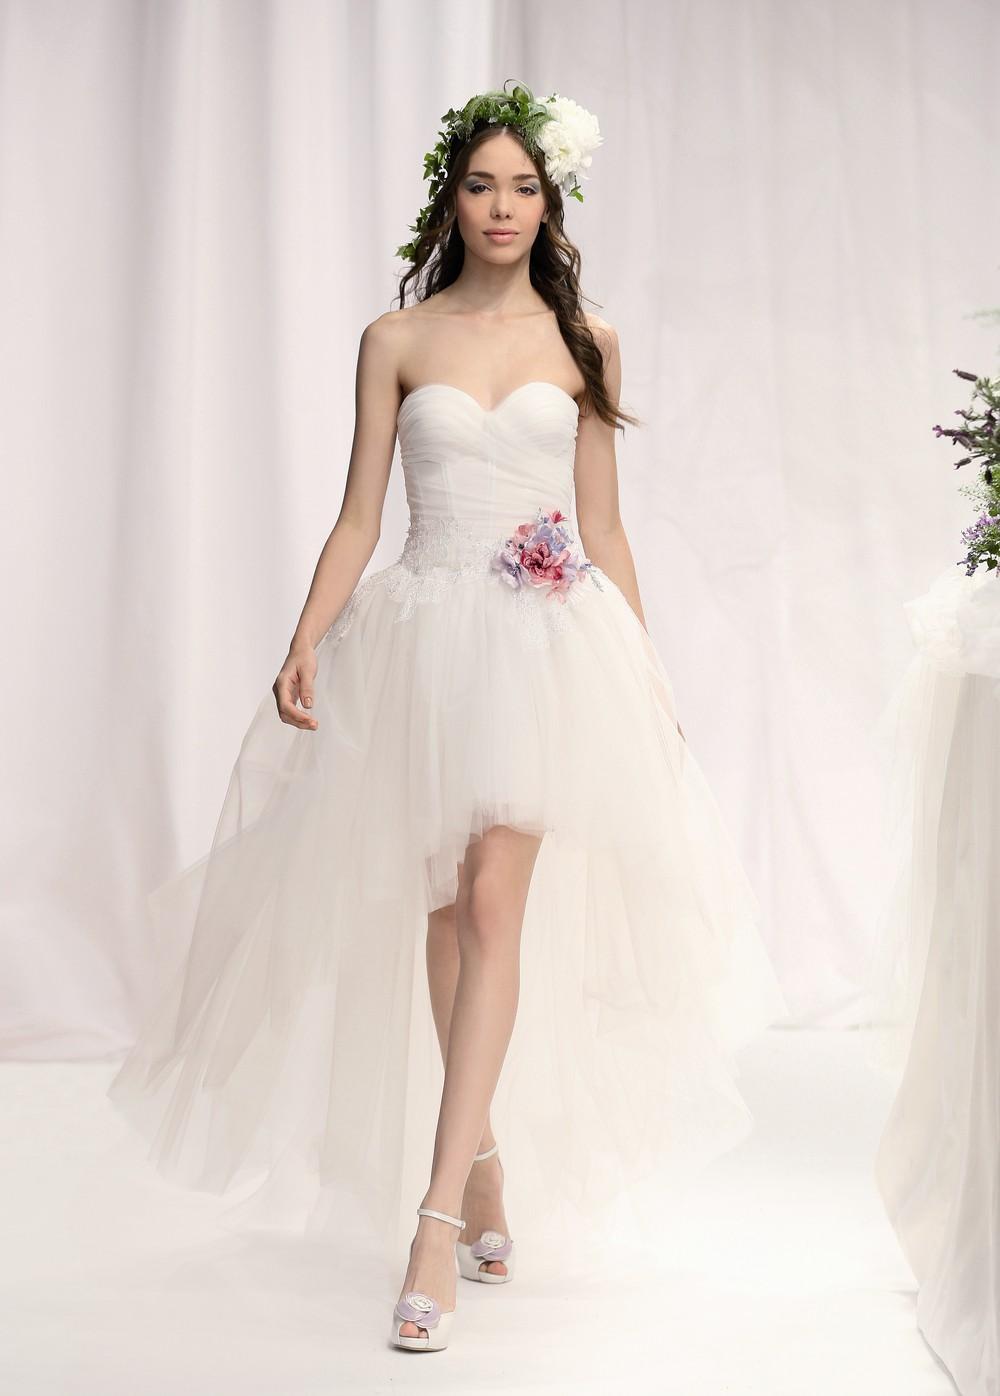 Brautkleider Mode 2013